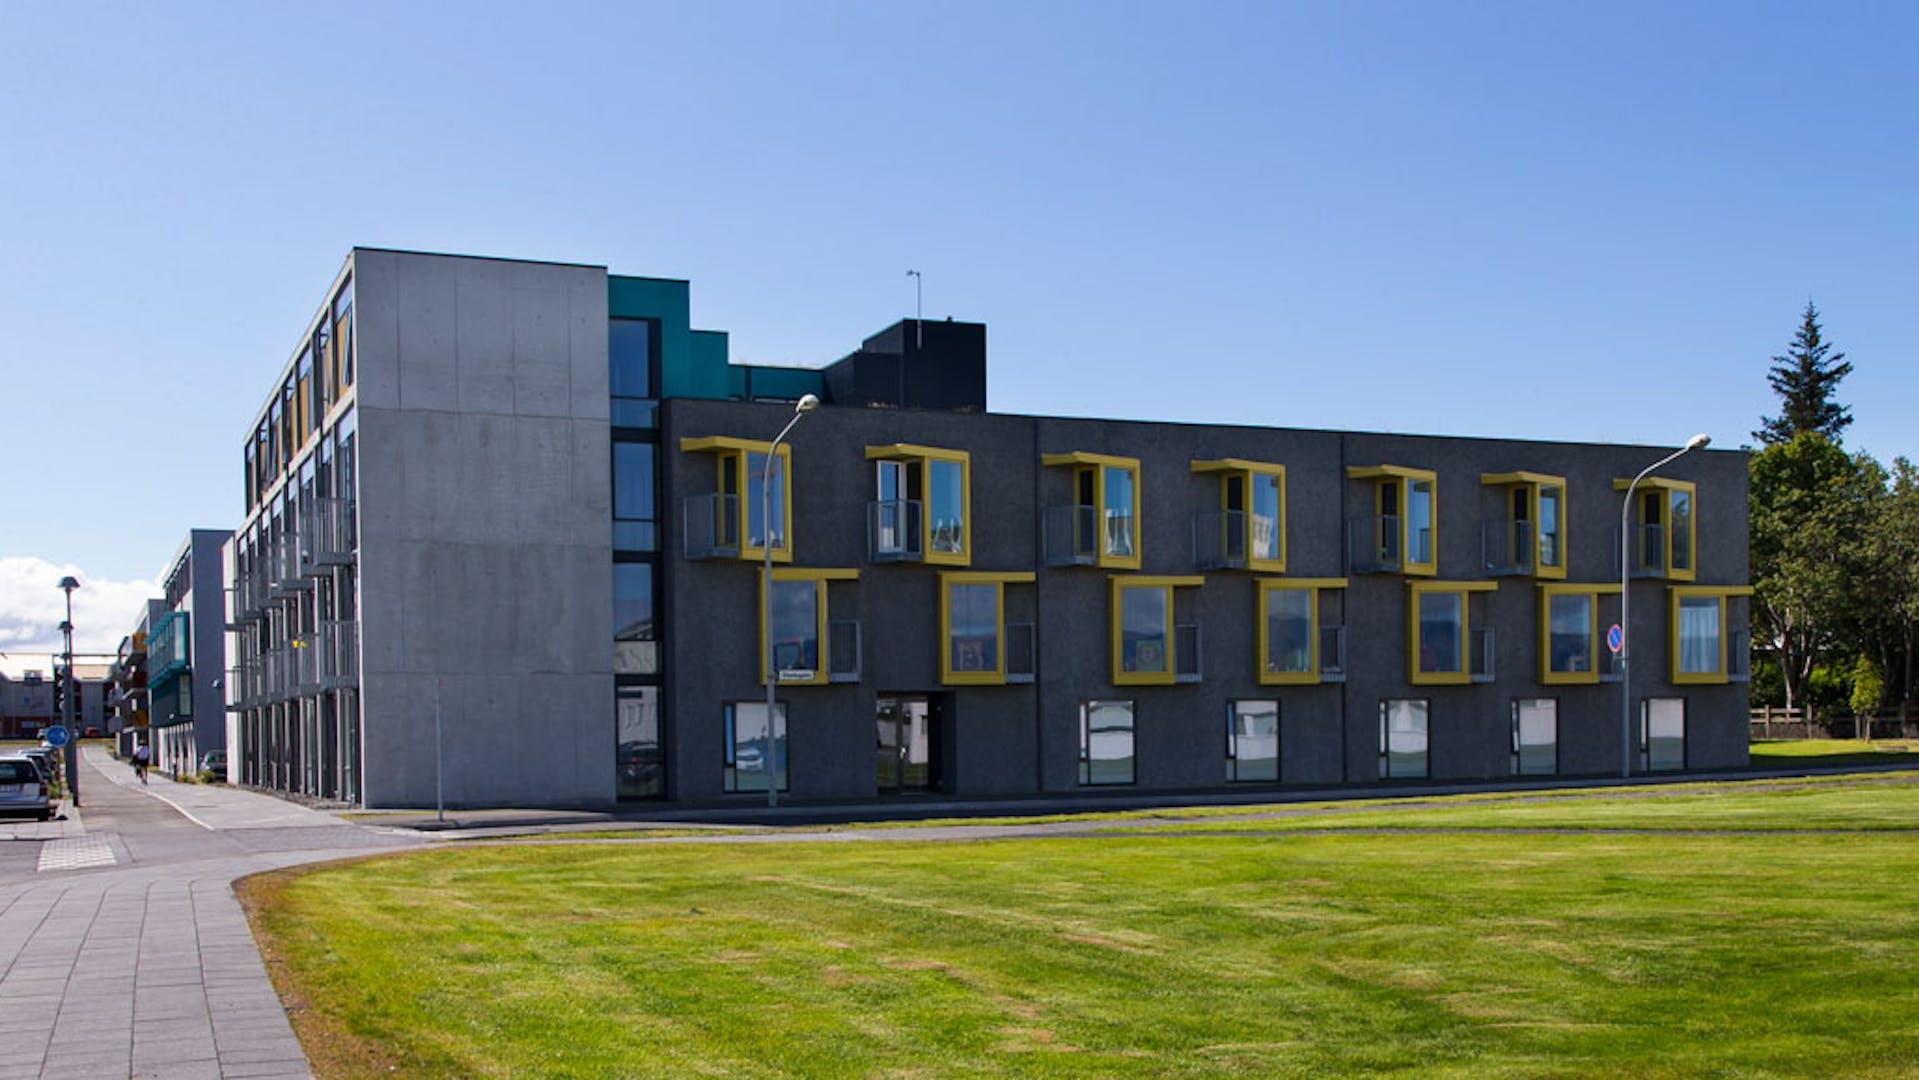 Stúdentagarðar